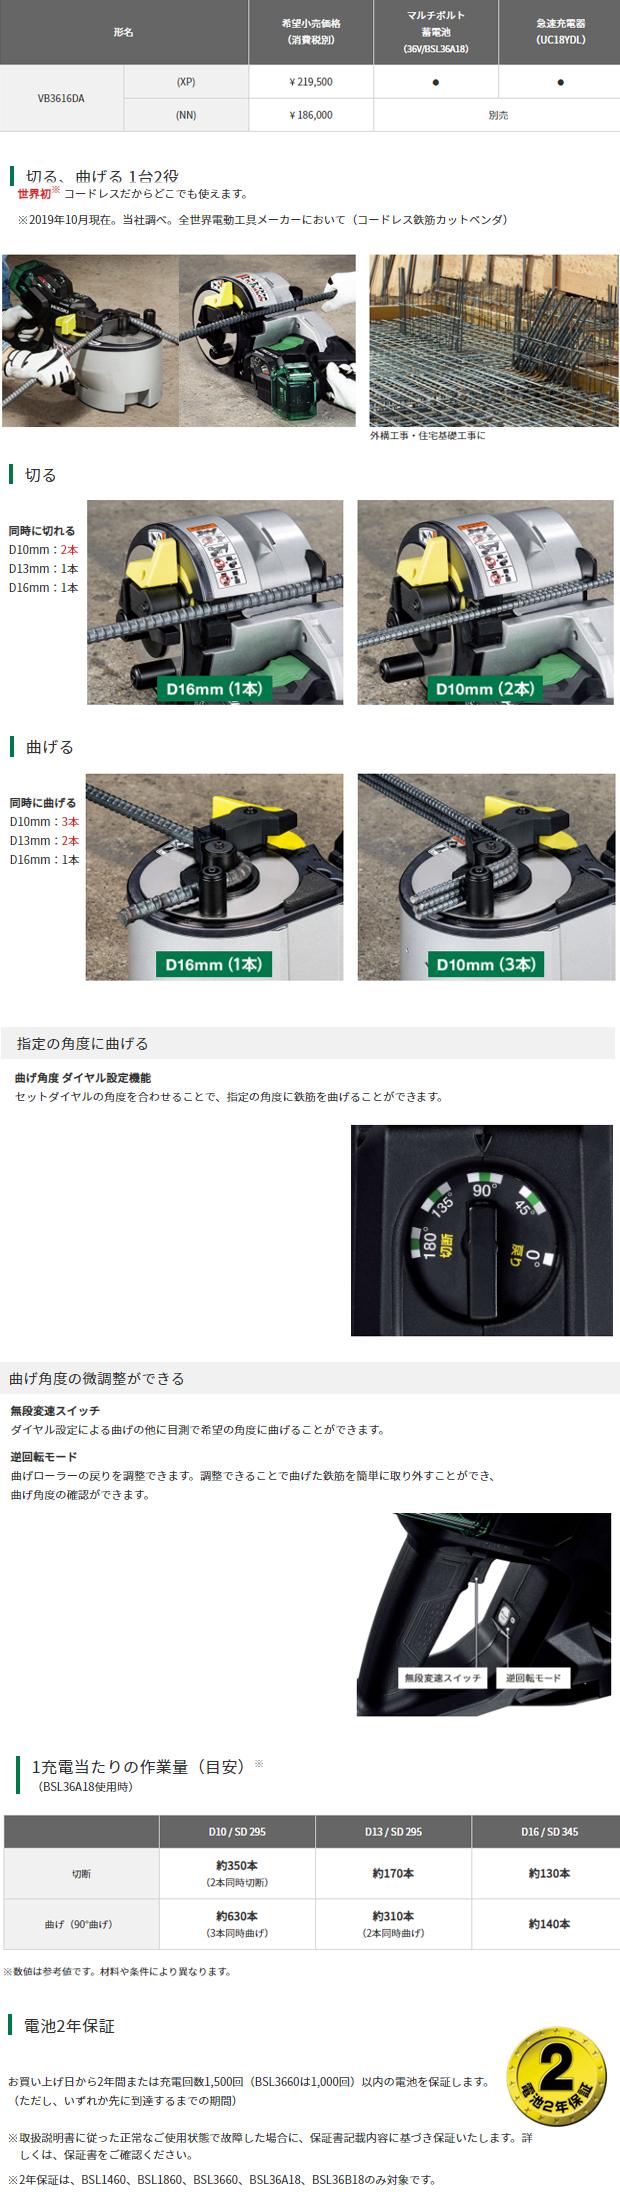 ハイコーキ コードレス鉄筋カットベンダ VB3616DA